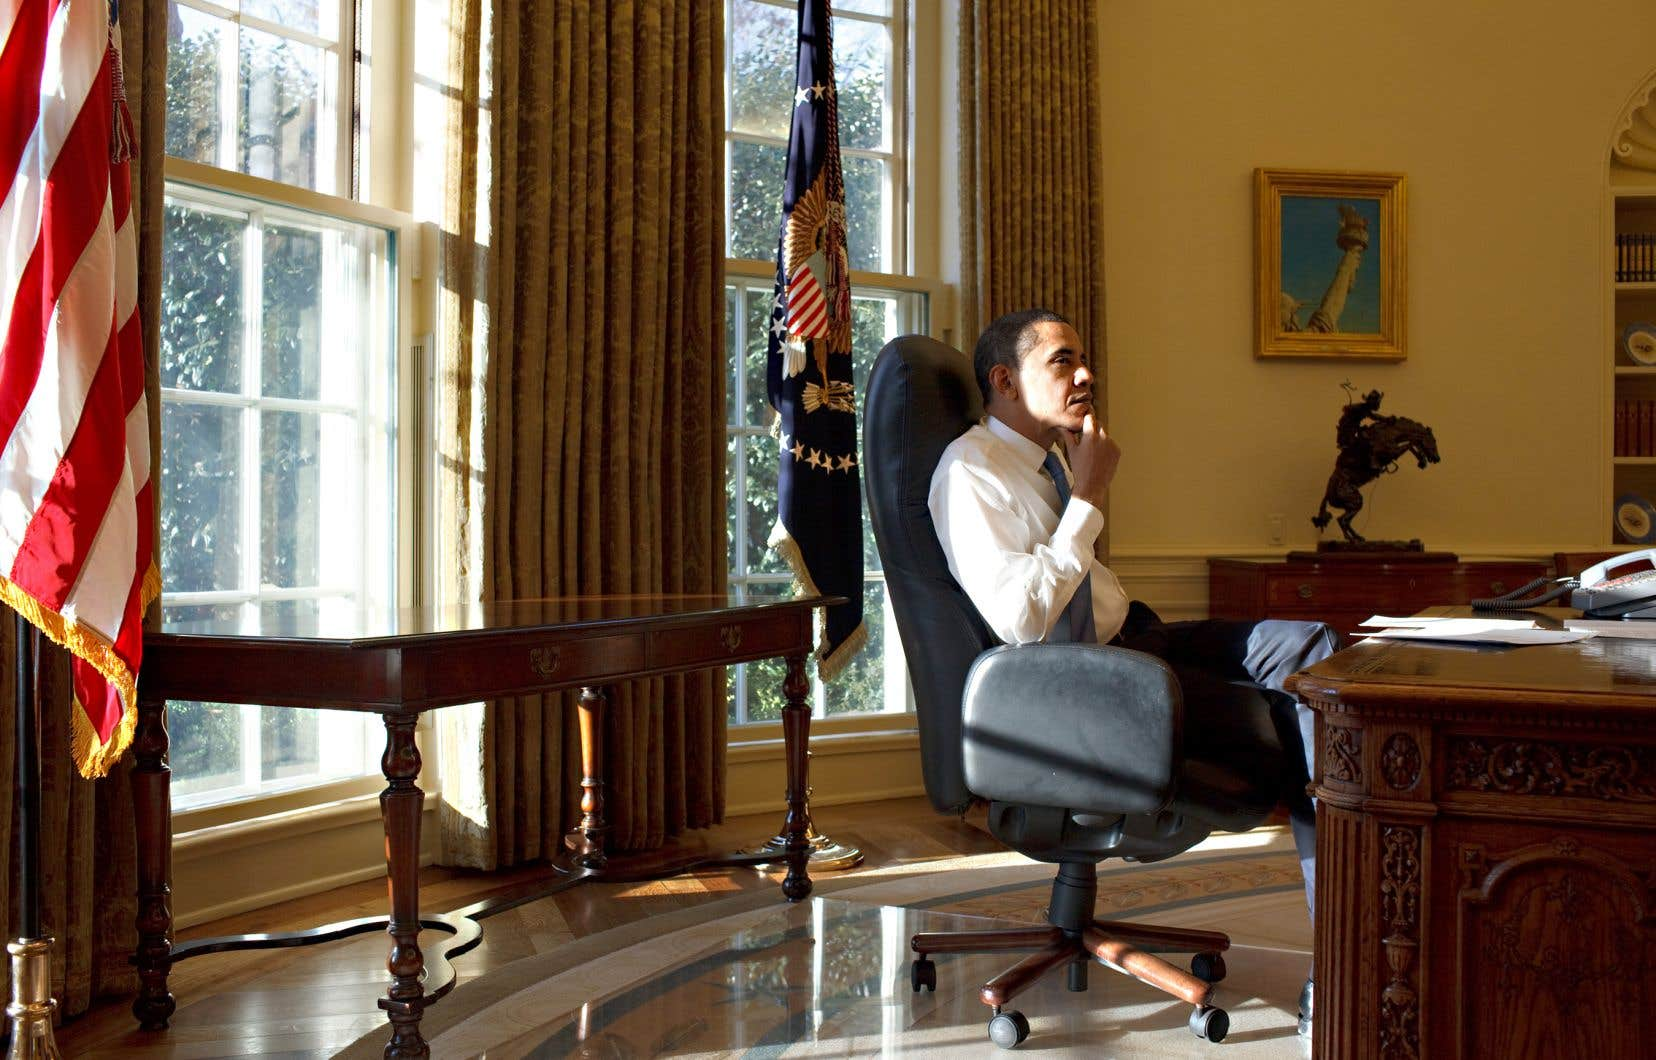 Fort de sa conclusion touchante, des discours inspirants du président et de certains autres moments marquants ici et là, «Obama: In Pursuit of a More Perfect Union» comporte toutefois de nombreuses longueurs. Bien que l'homme possède une grande histoire qui mérite qu'on s'y attarde, l'angle de l'ethnie est si précis que certaines scènes s'étirent et se répètent.